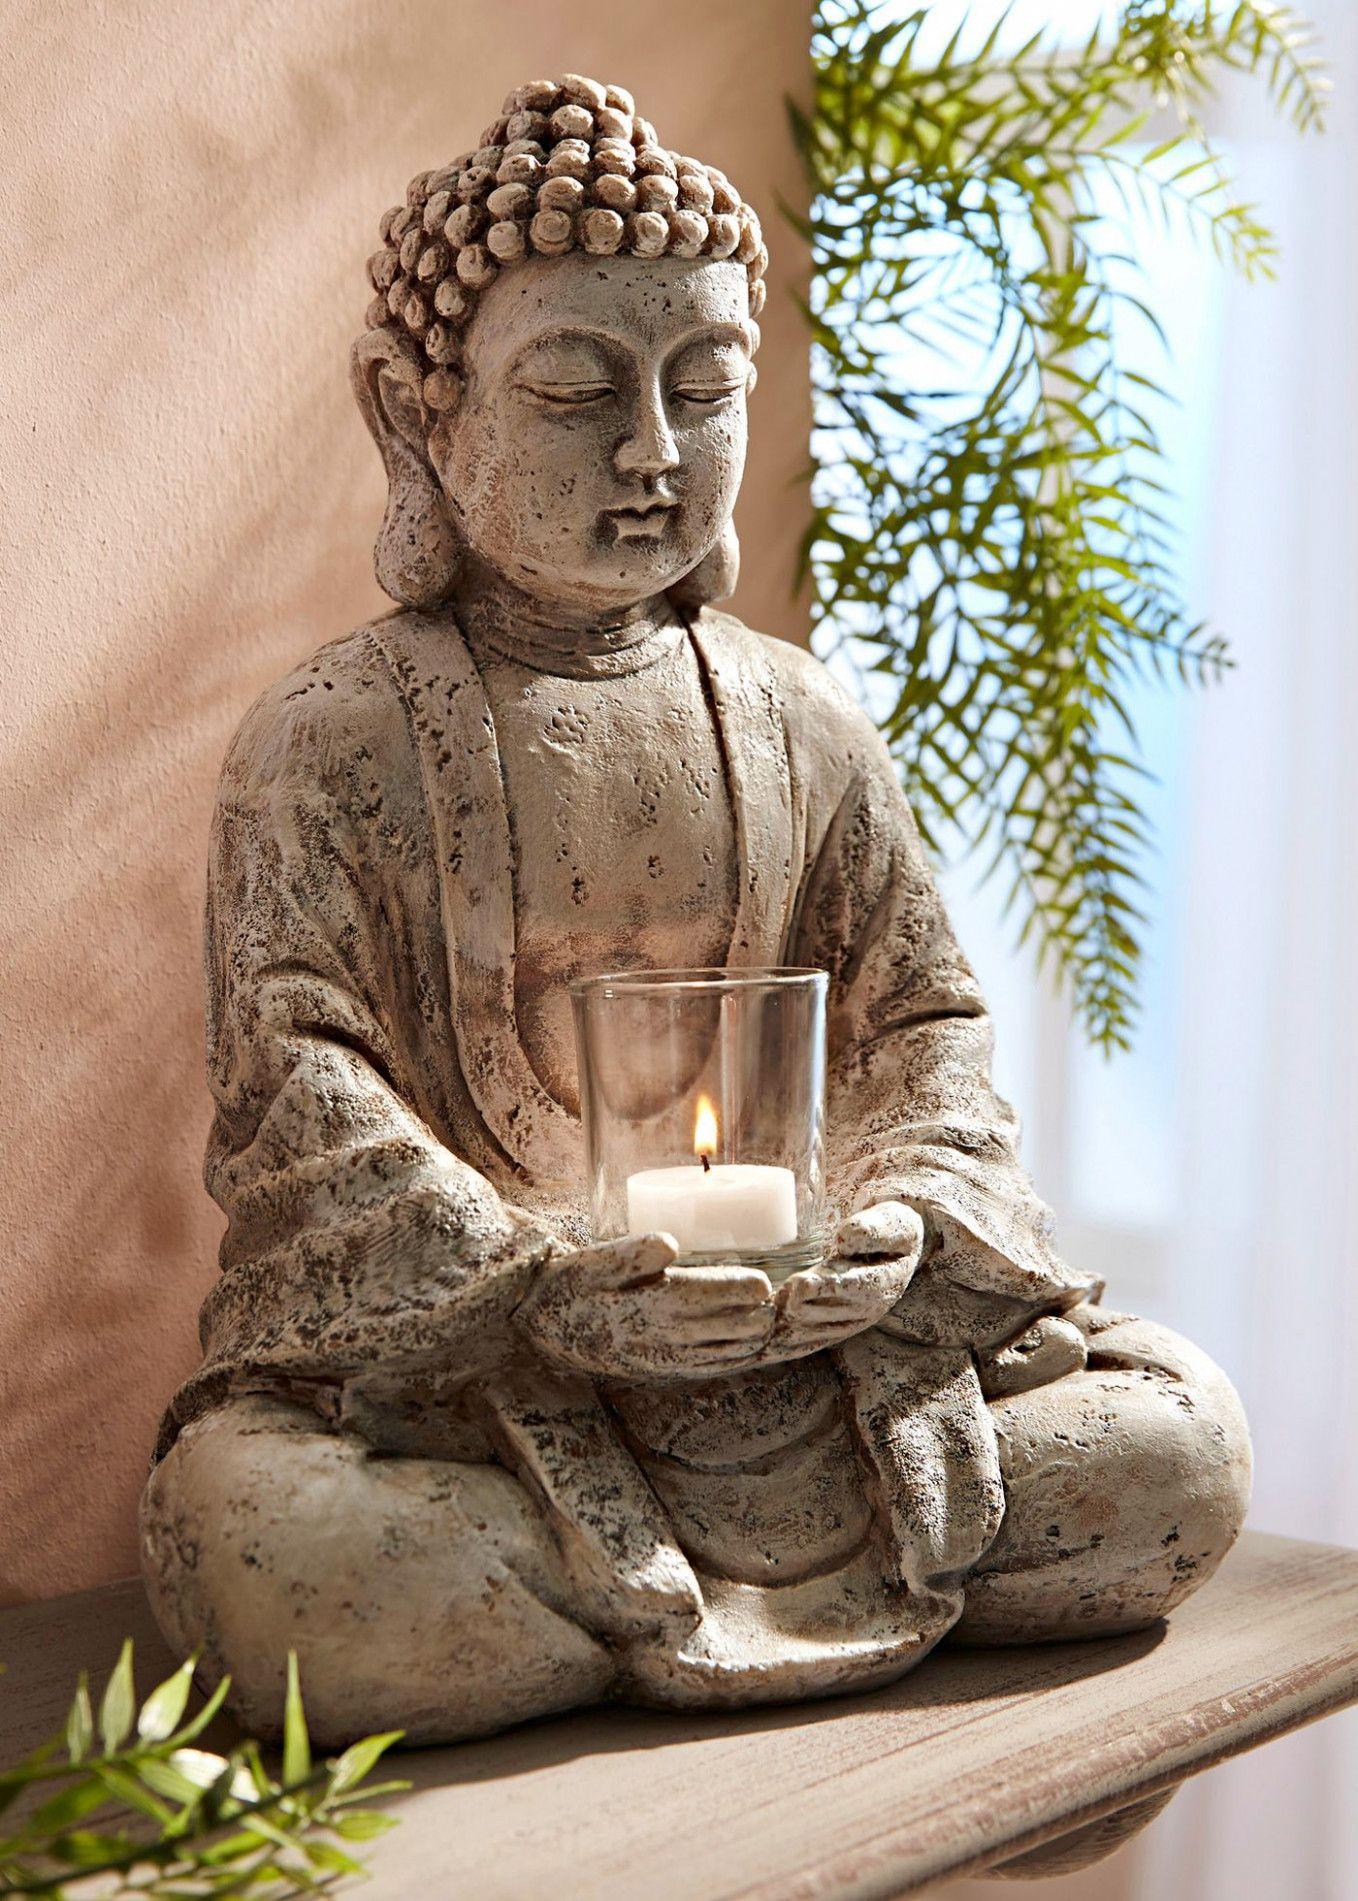 So Wird Buddha Deko Schlafzimmer In 15 Jahren Aussehen Buddha